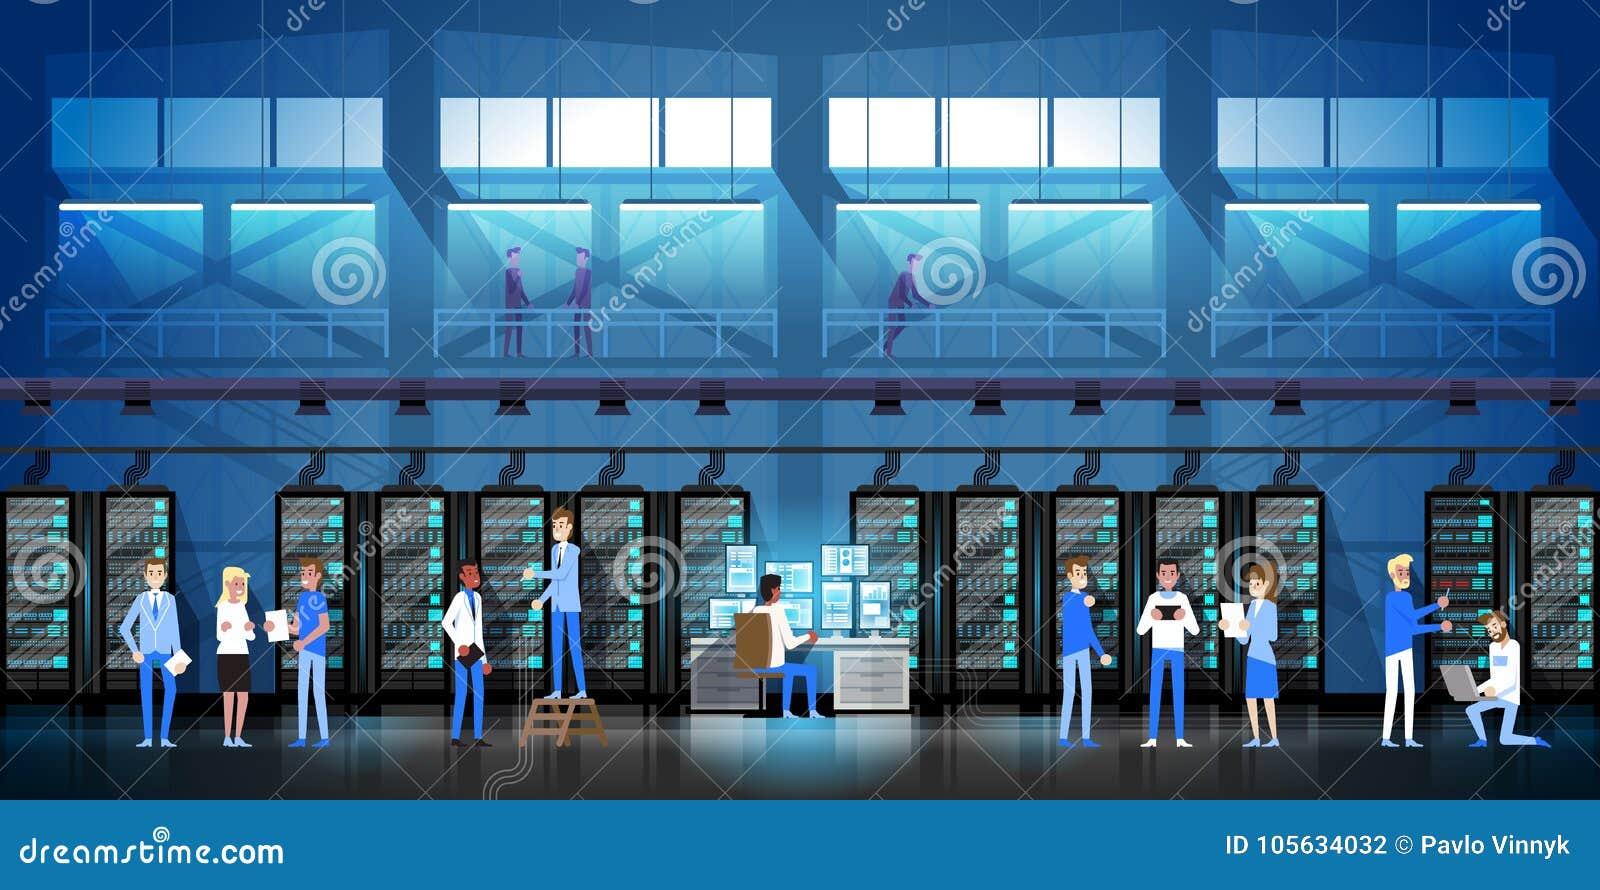 Люди работая в комнате центра данных хозяйничая иллюстрация вектора базы данных данным по контроля компьютер-сервера плоская